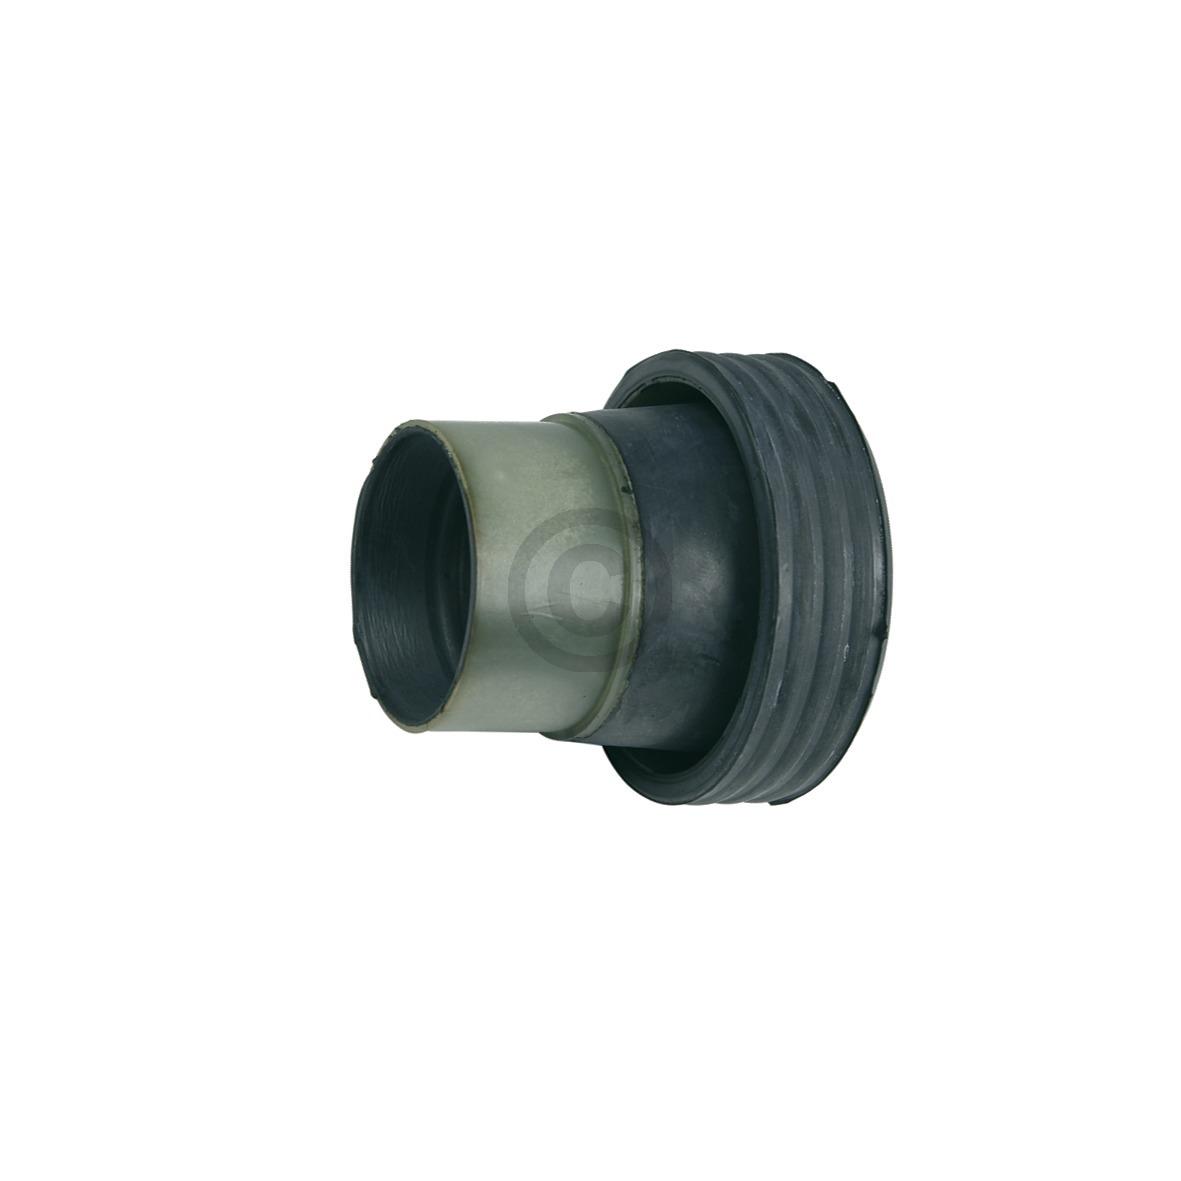 Dichtung Bosch 00611331 Heizpumpe / Pumpentopf für Geschirrspüler 436684